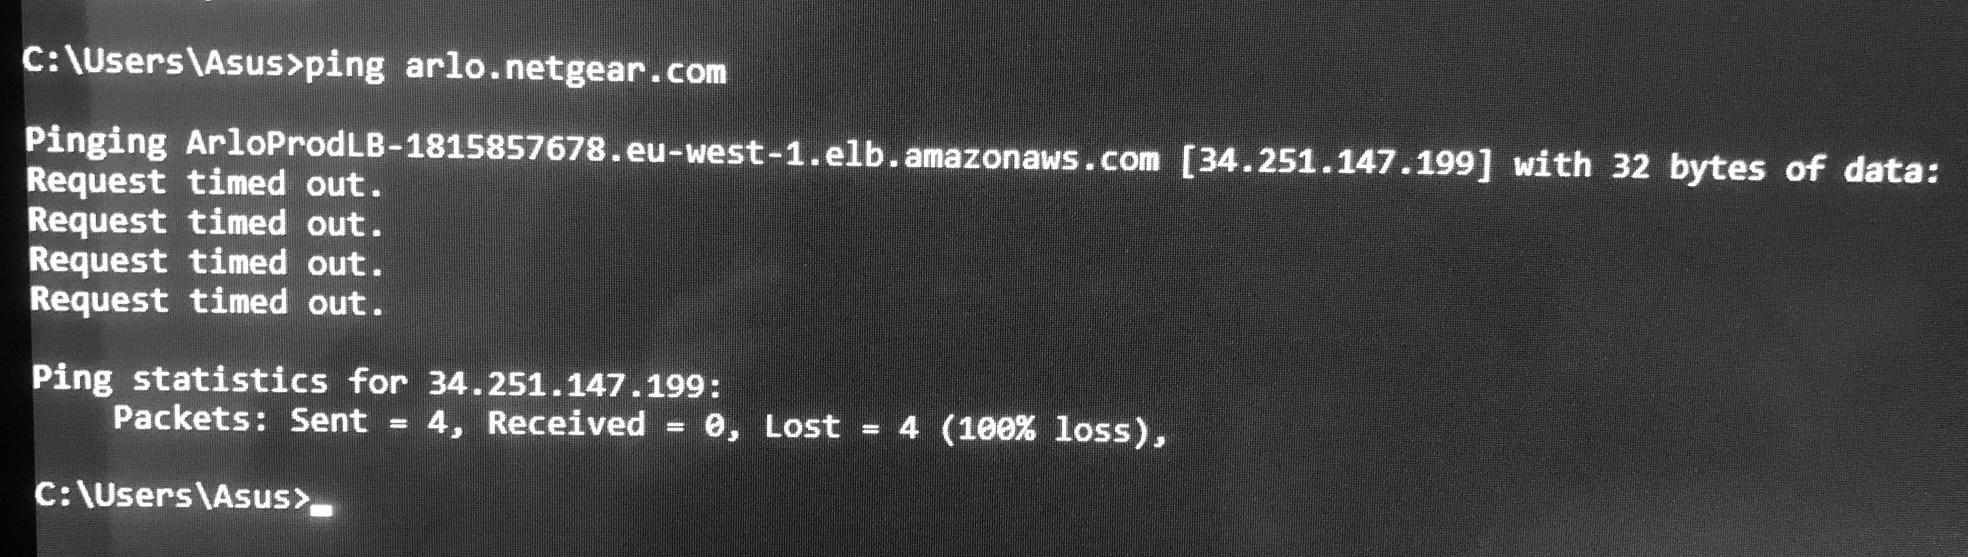 Arlo Pro2 Library issue message server hostname no    - Arlo